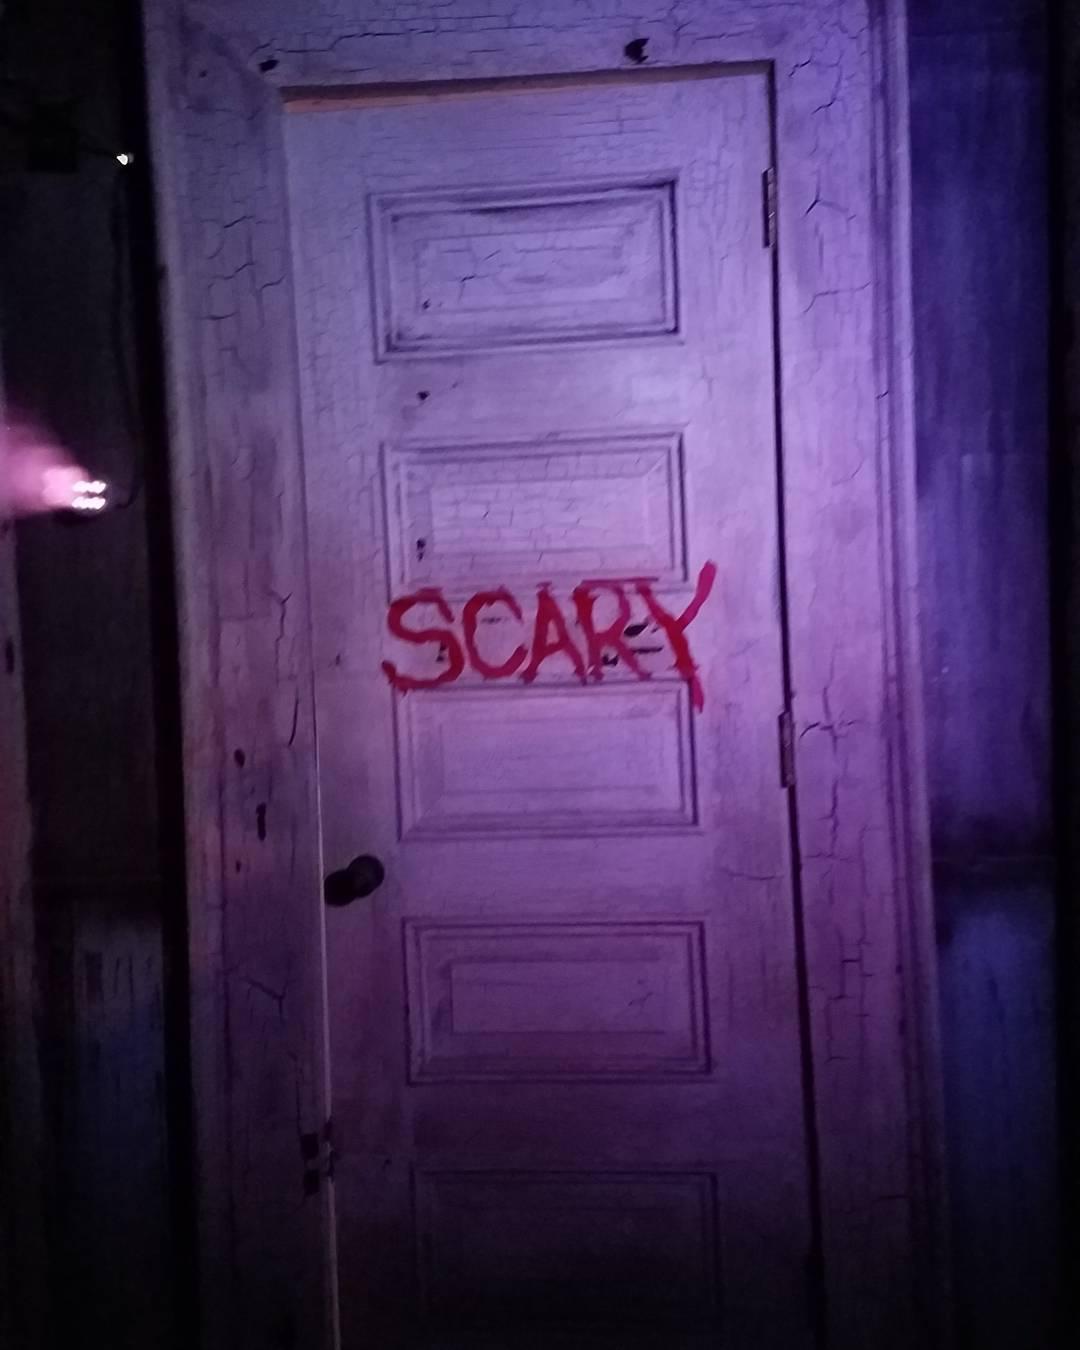 Scary door. What's behind?